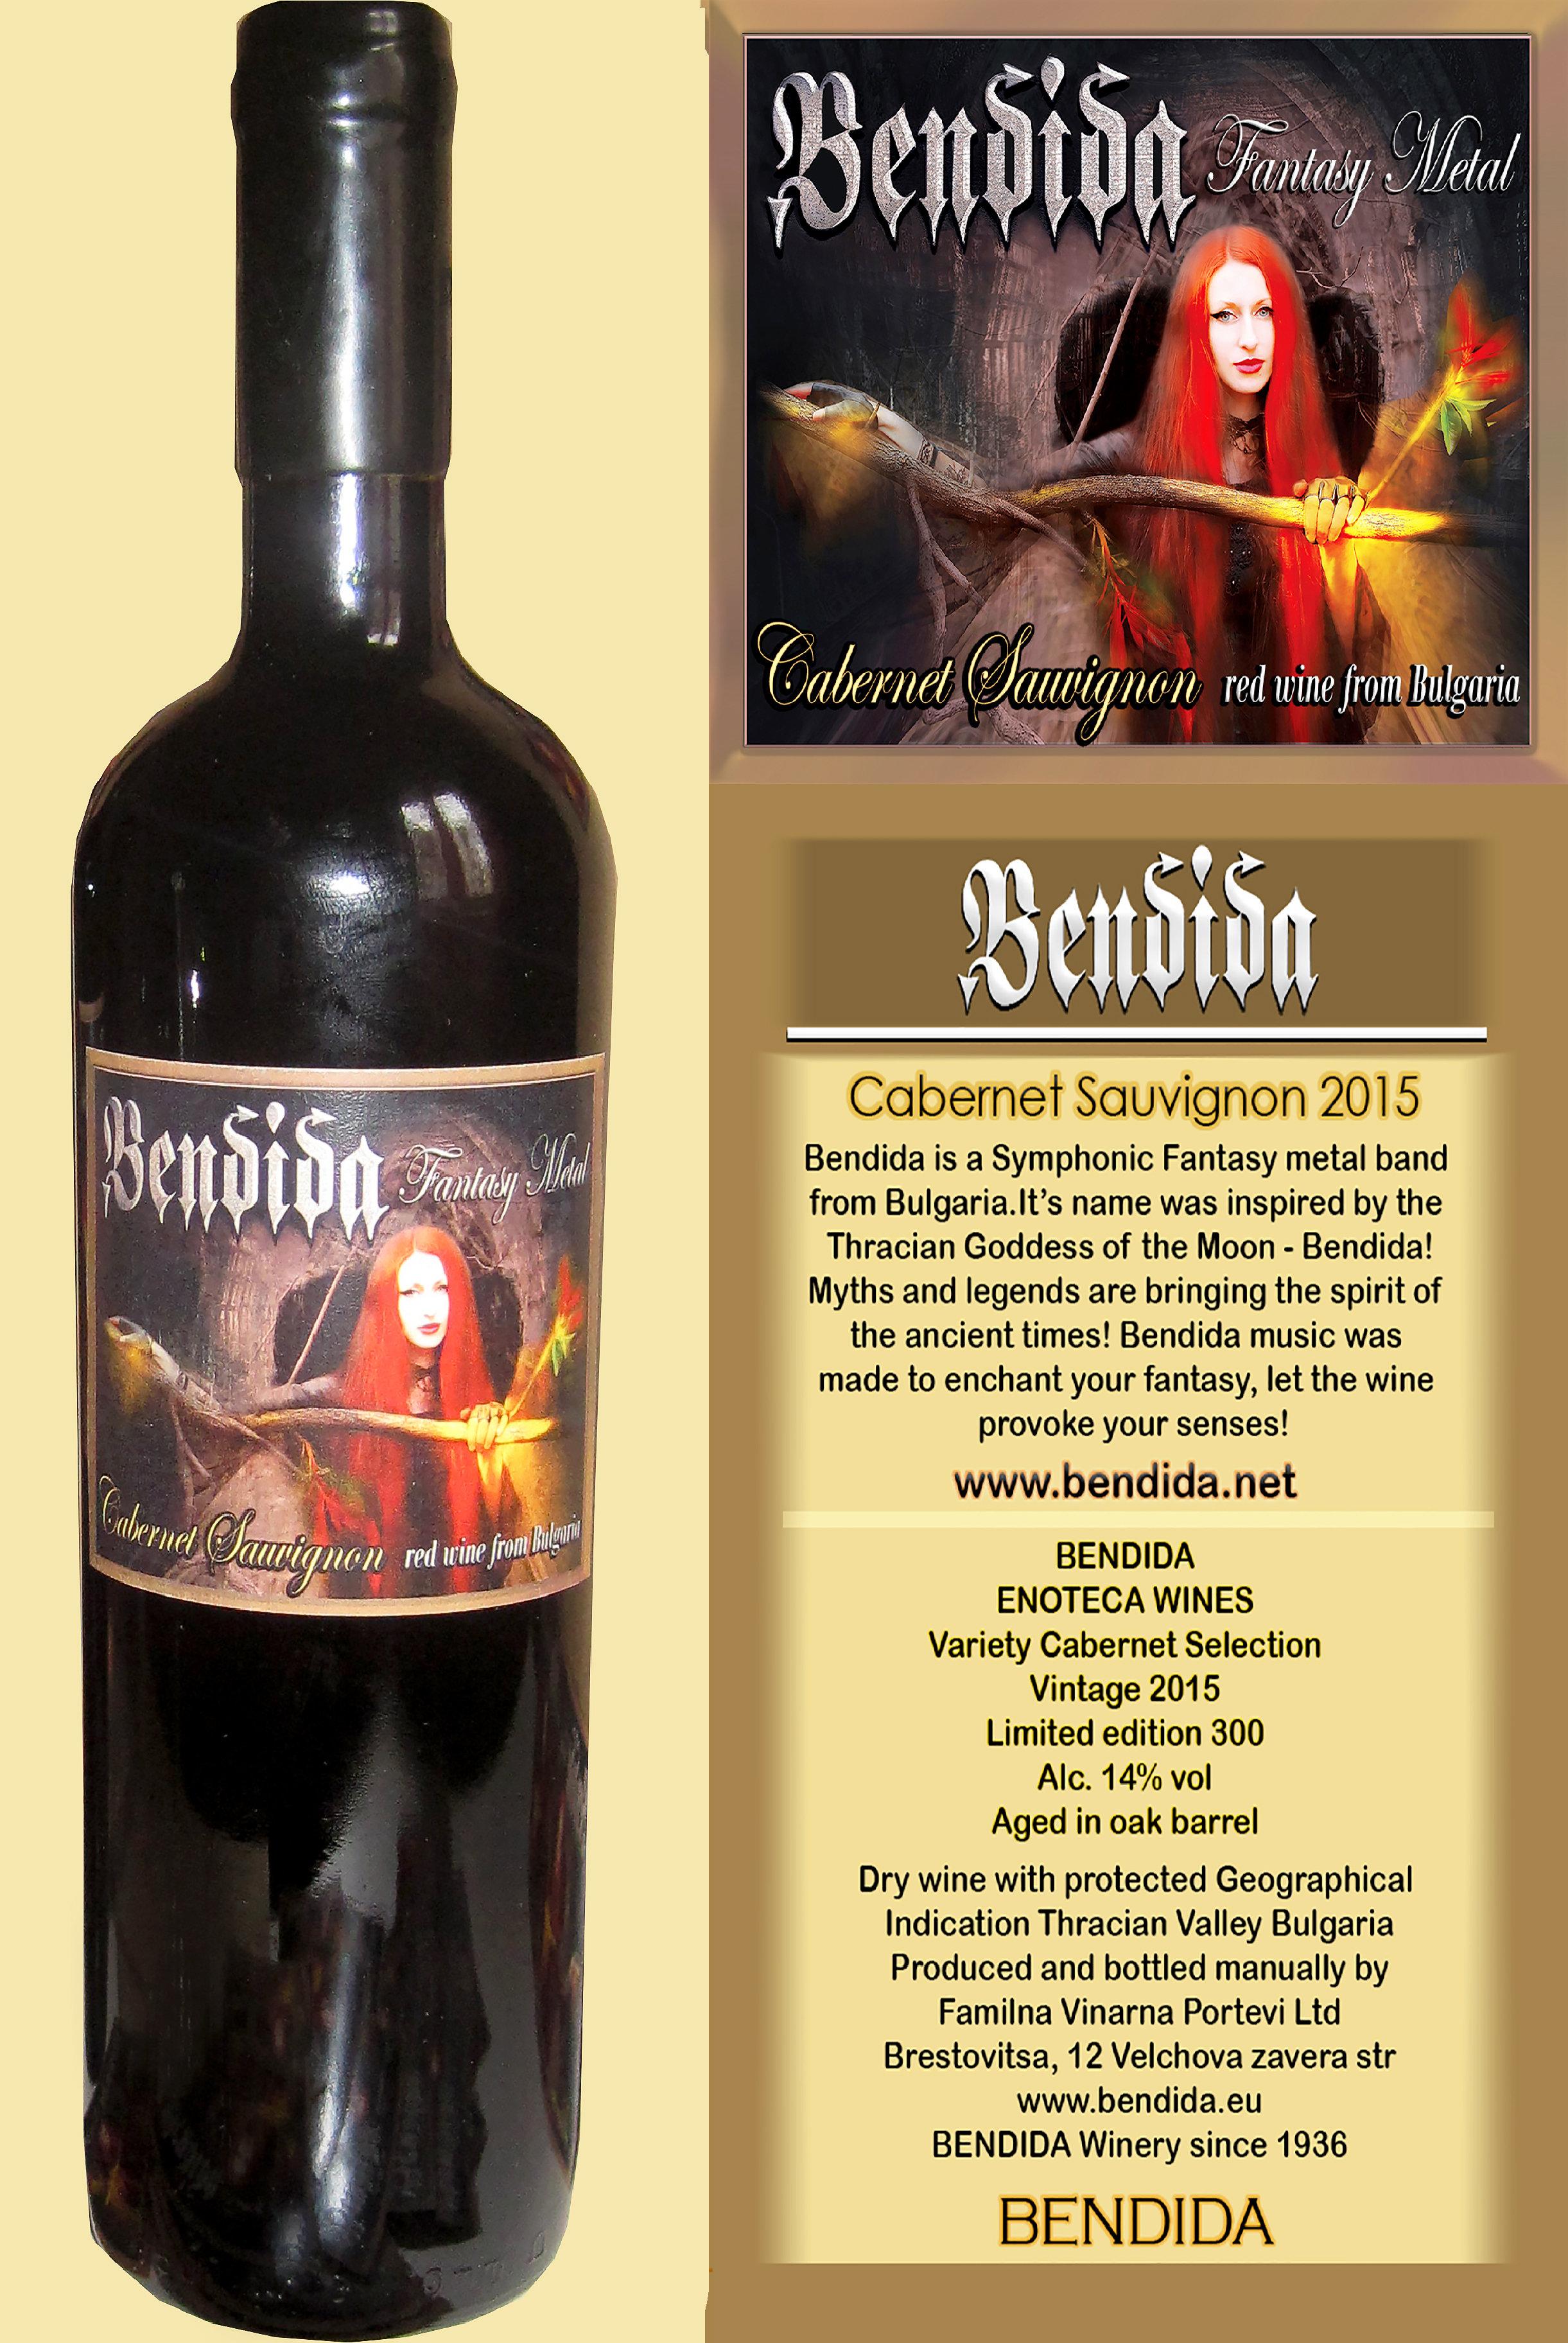 Bendida Fantasy Red Wine - Cabernet Sauvignon 00002